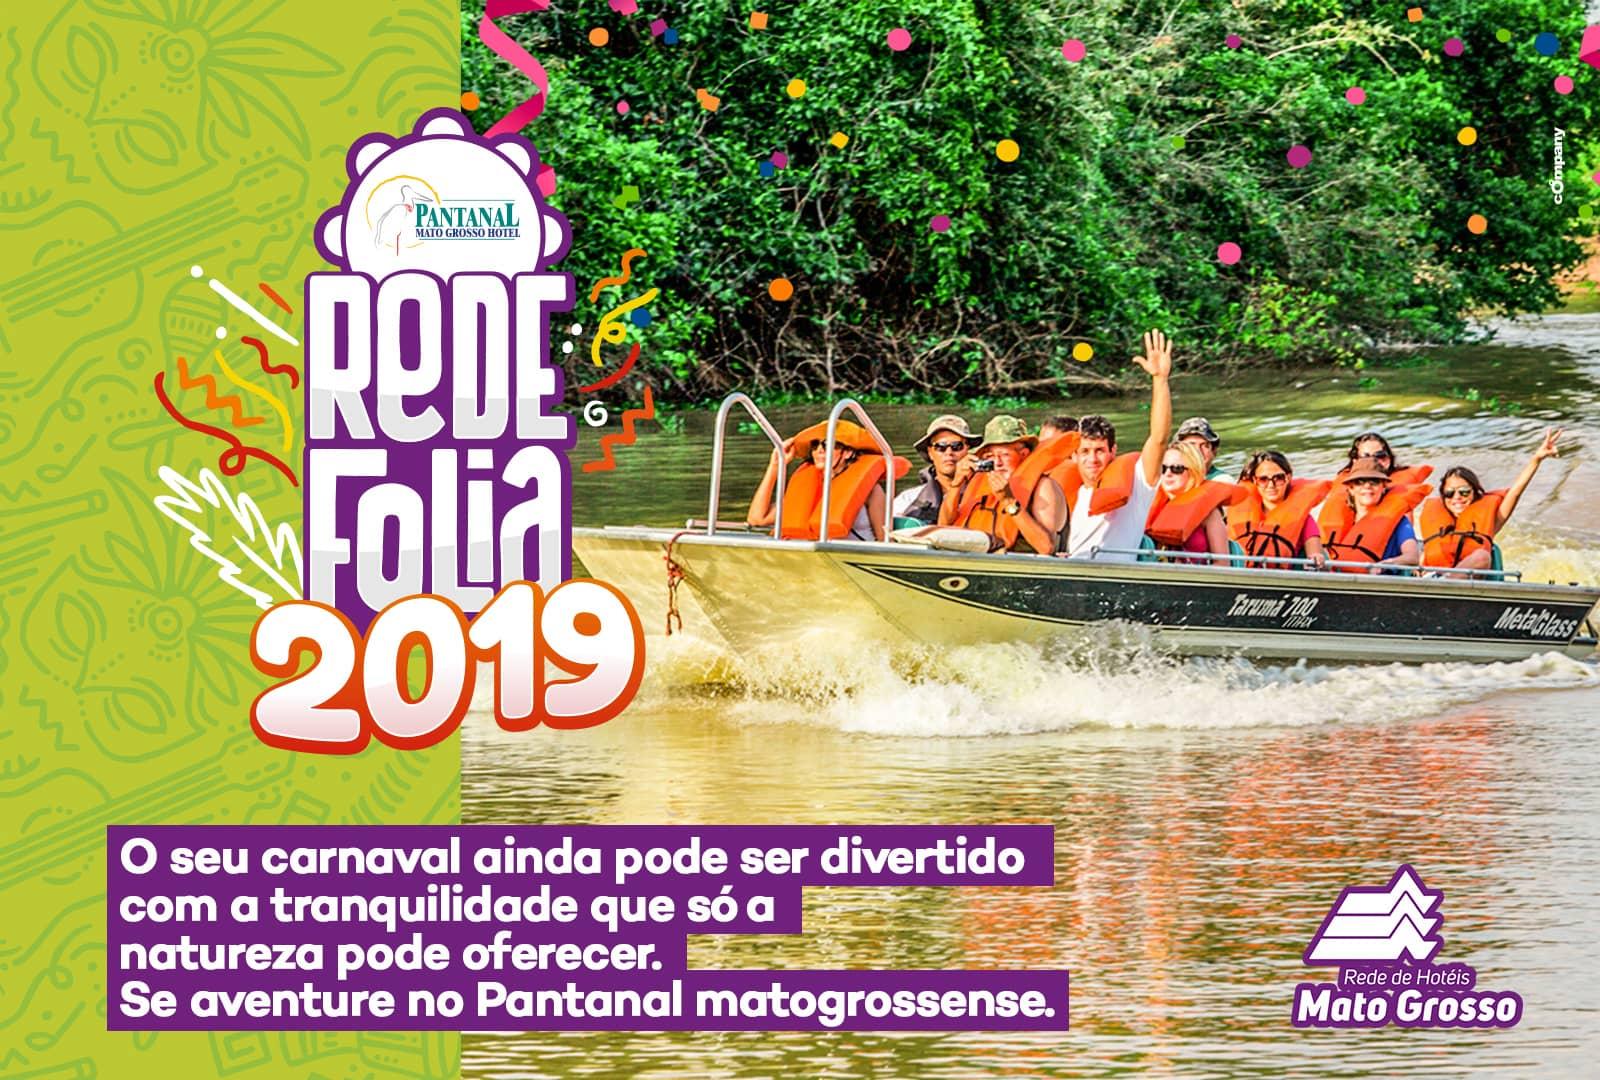 Rede Folia Hotel Mato Grosso Pantanal